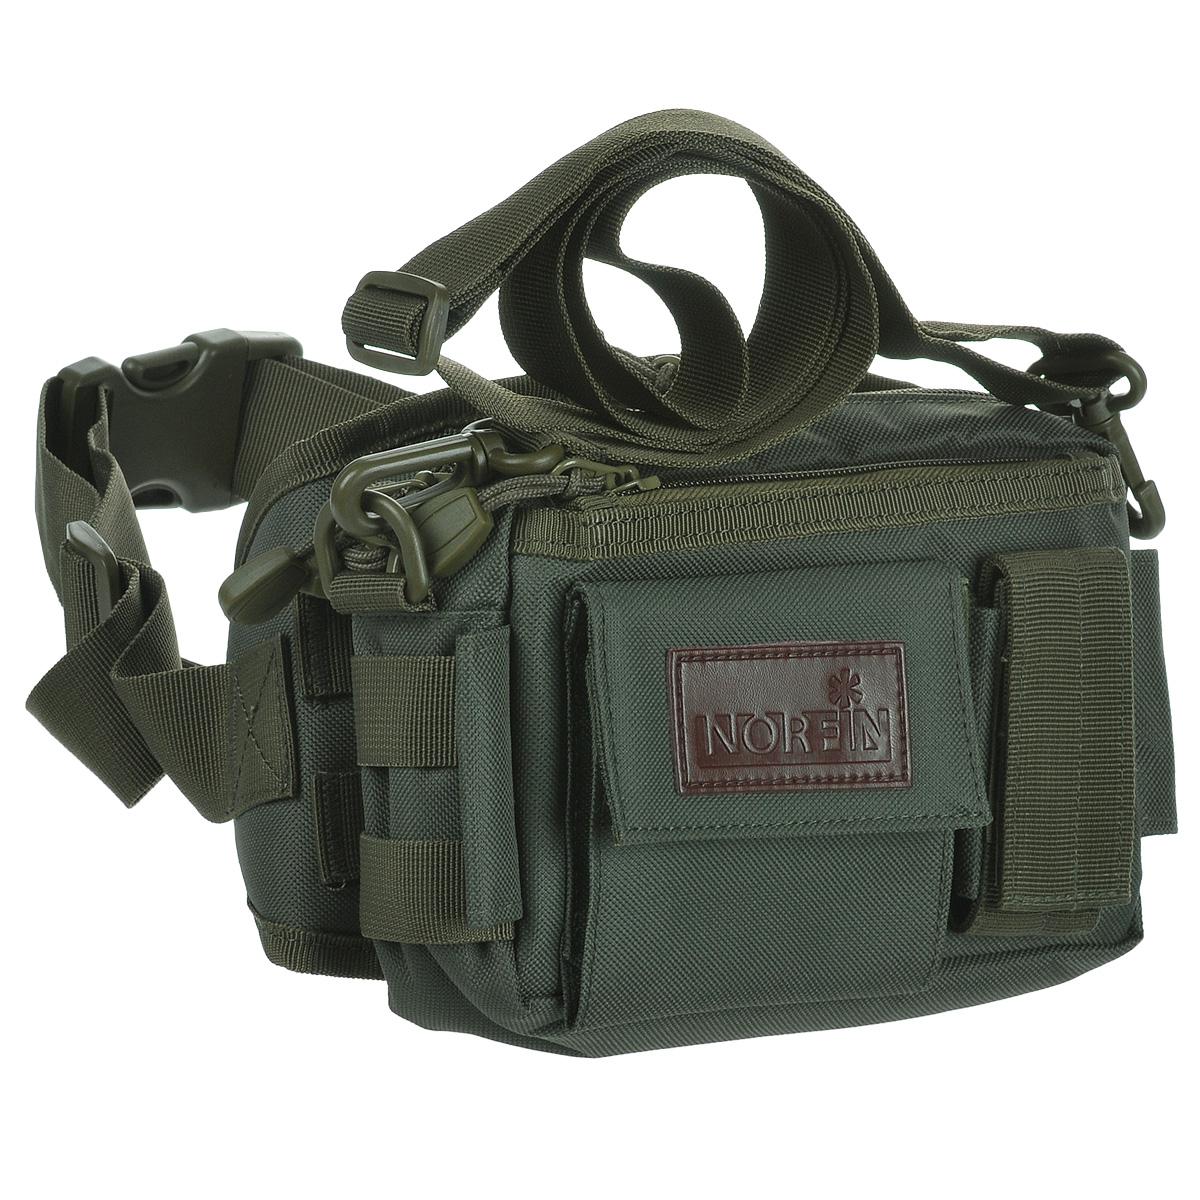 Сумка поясная Norfin Tactic 01, цвет: зеленый, 14 см х 9 см х 17,5 смNF-40217Тактическая поясная сумка Norfin Tactic 01 выполнена из прочного полиэстера. Сумку можно носить отдельно от пояса, прикрепив плечевой ремень. Имеется одно внутреннее отделение с сетчатым карманом и внешний карман на молнии. Два фронтальных накладных кармана с клапанами.